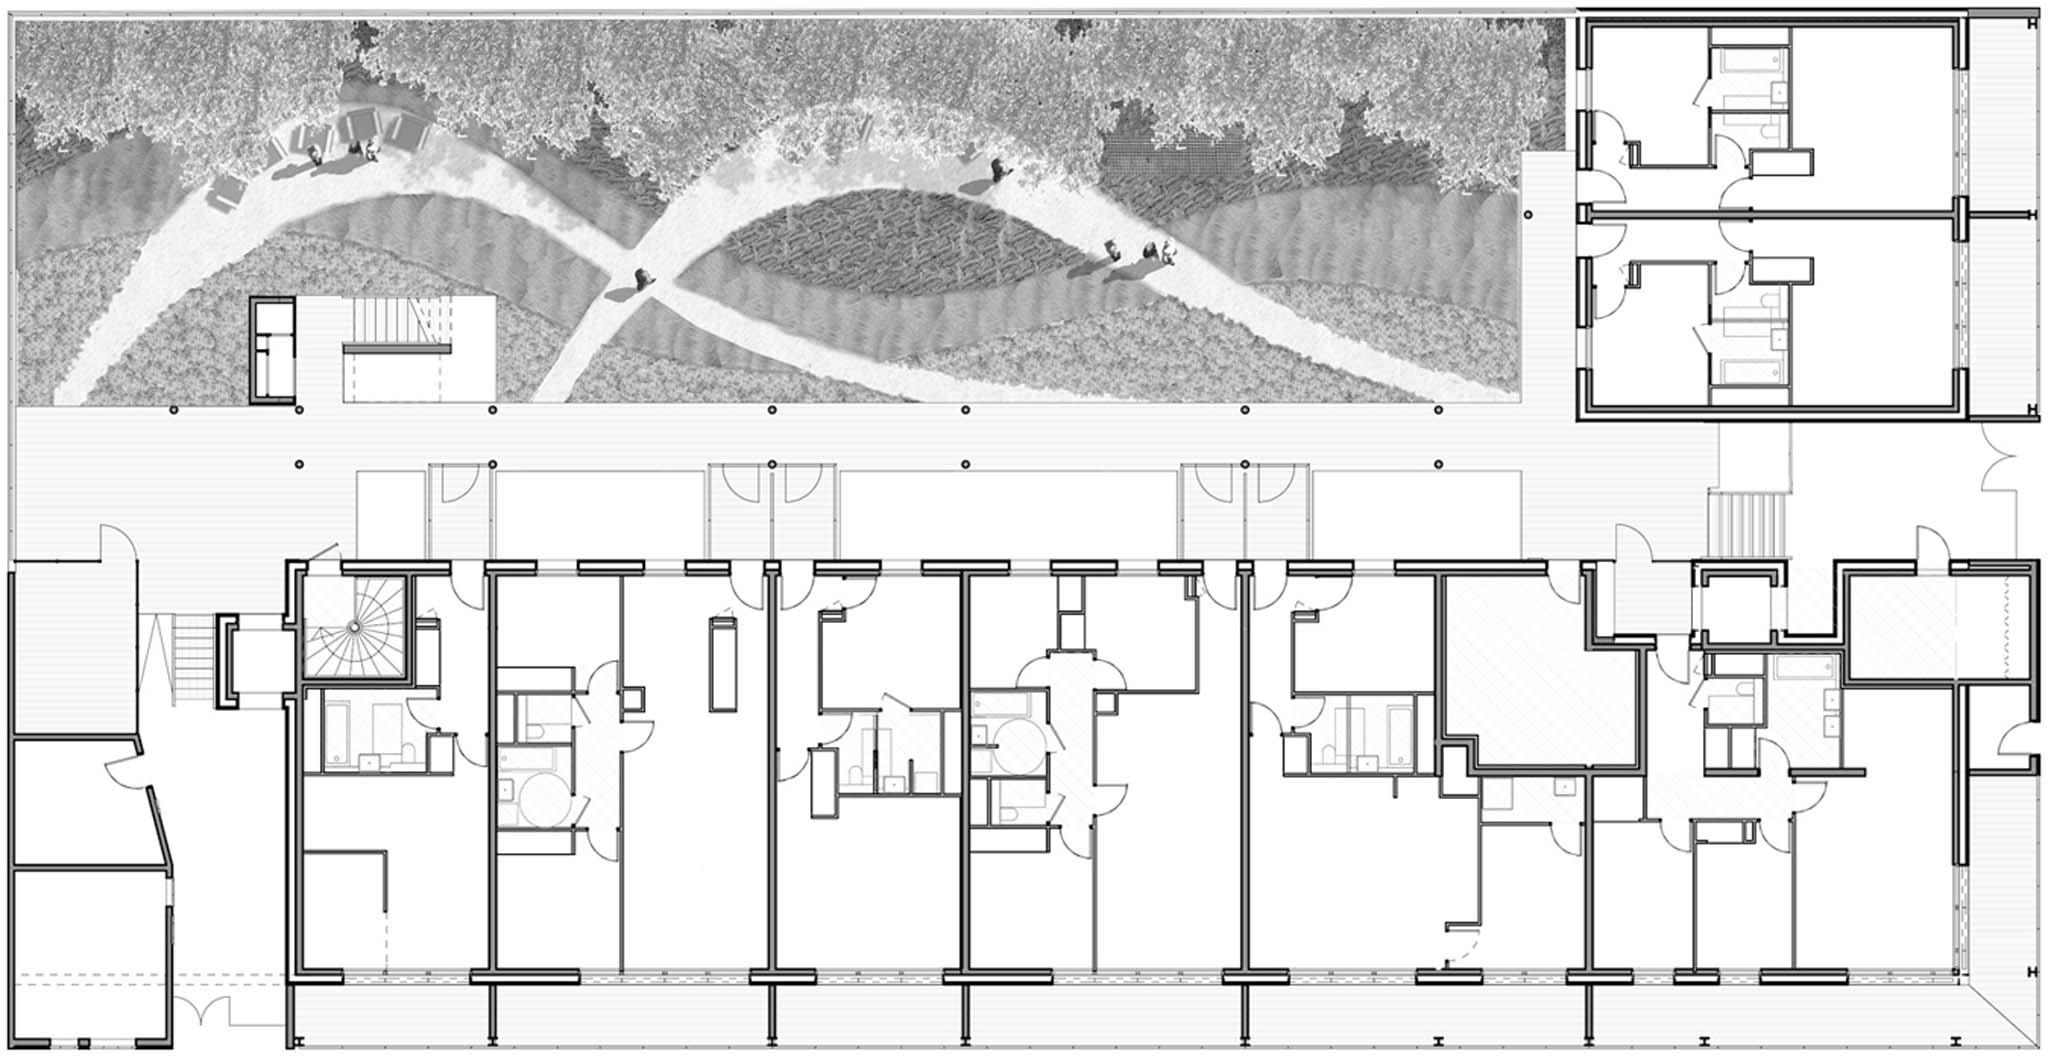 Plan du rdc 66 logements immeuble amplia lipsky rollet lyon confluence photo n 34